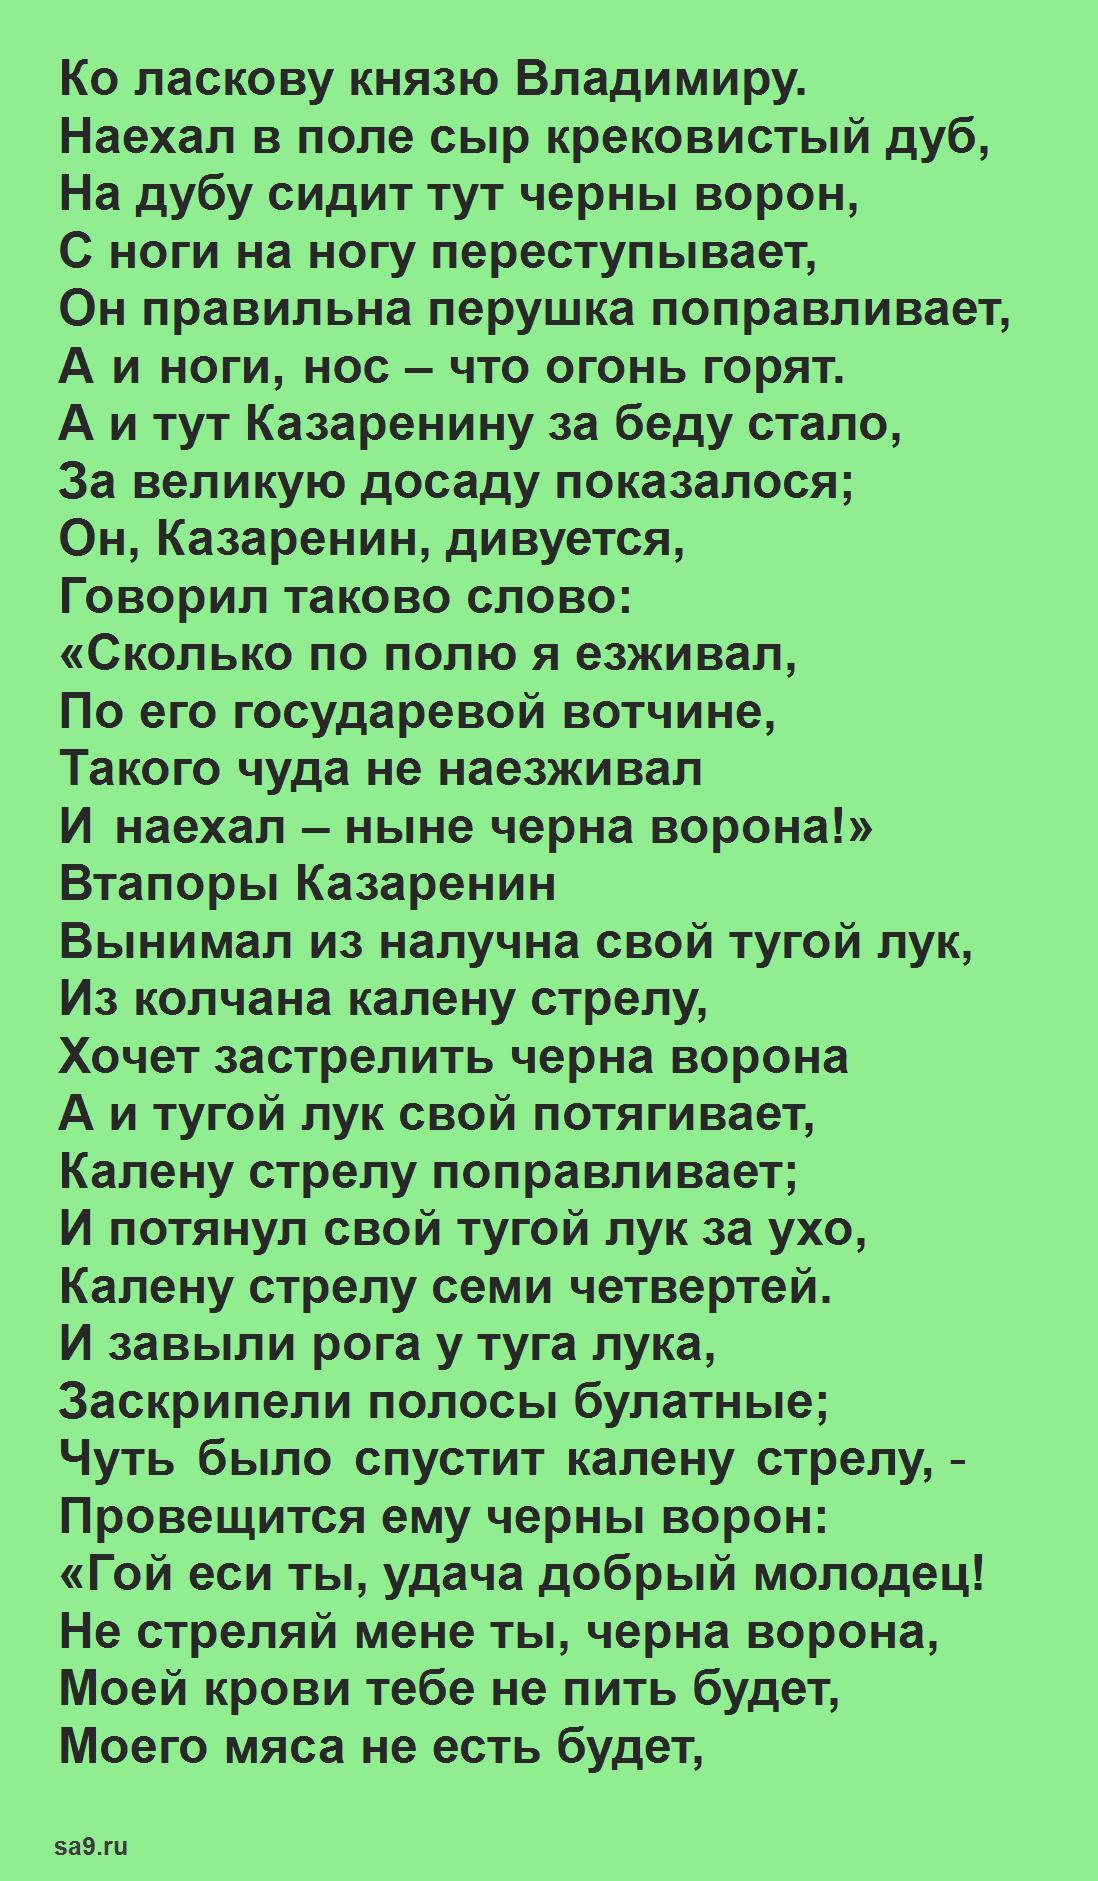 Читать былину - Михайло Казаренин, полностью